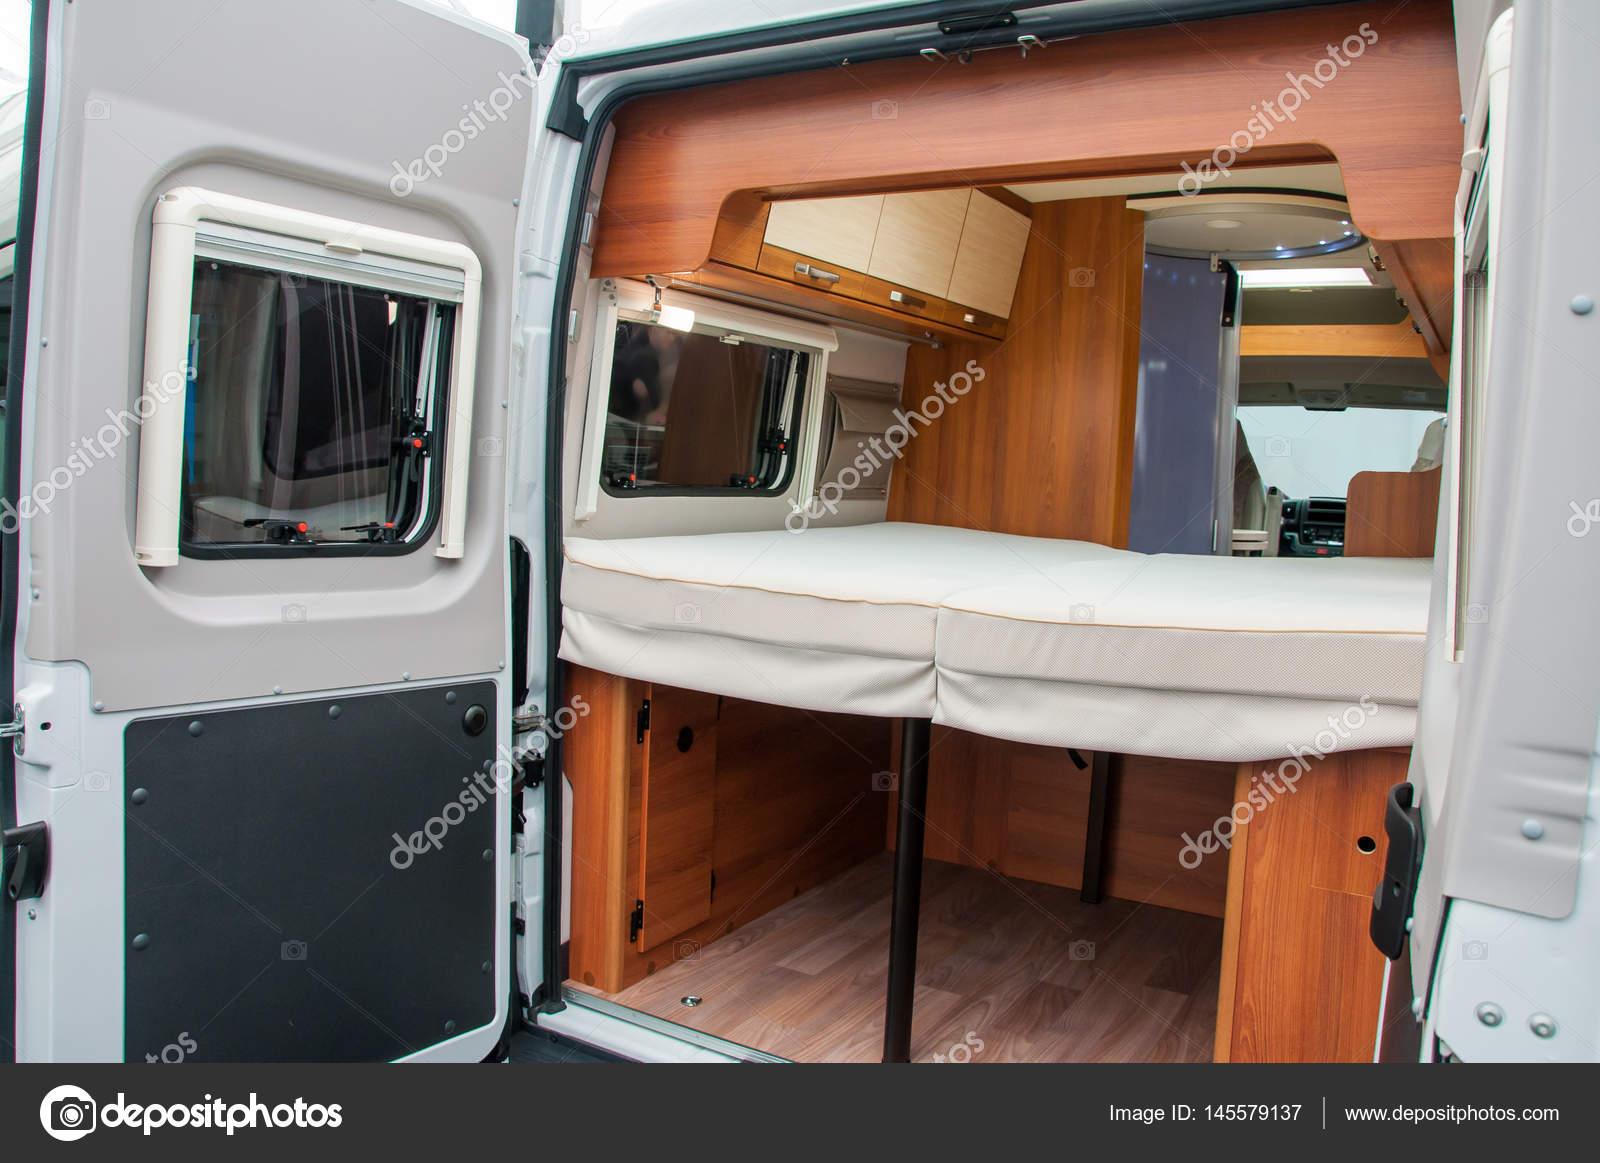 interieur van luxe caravan stockfoto